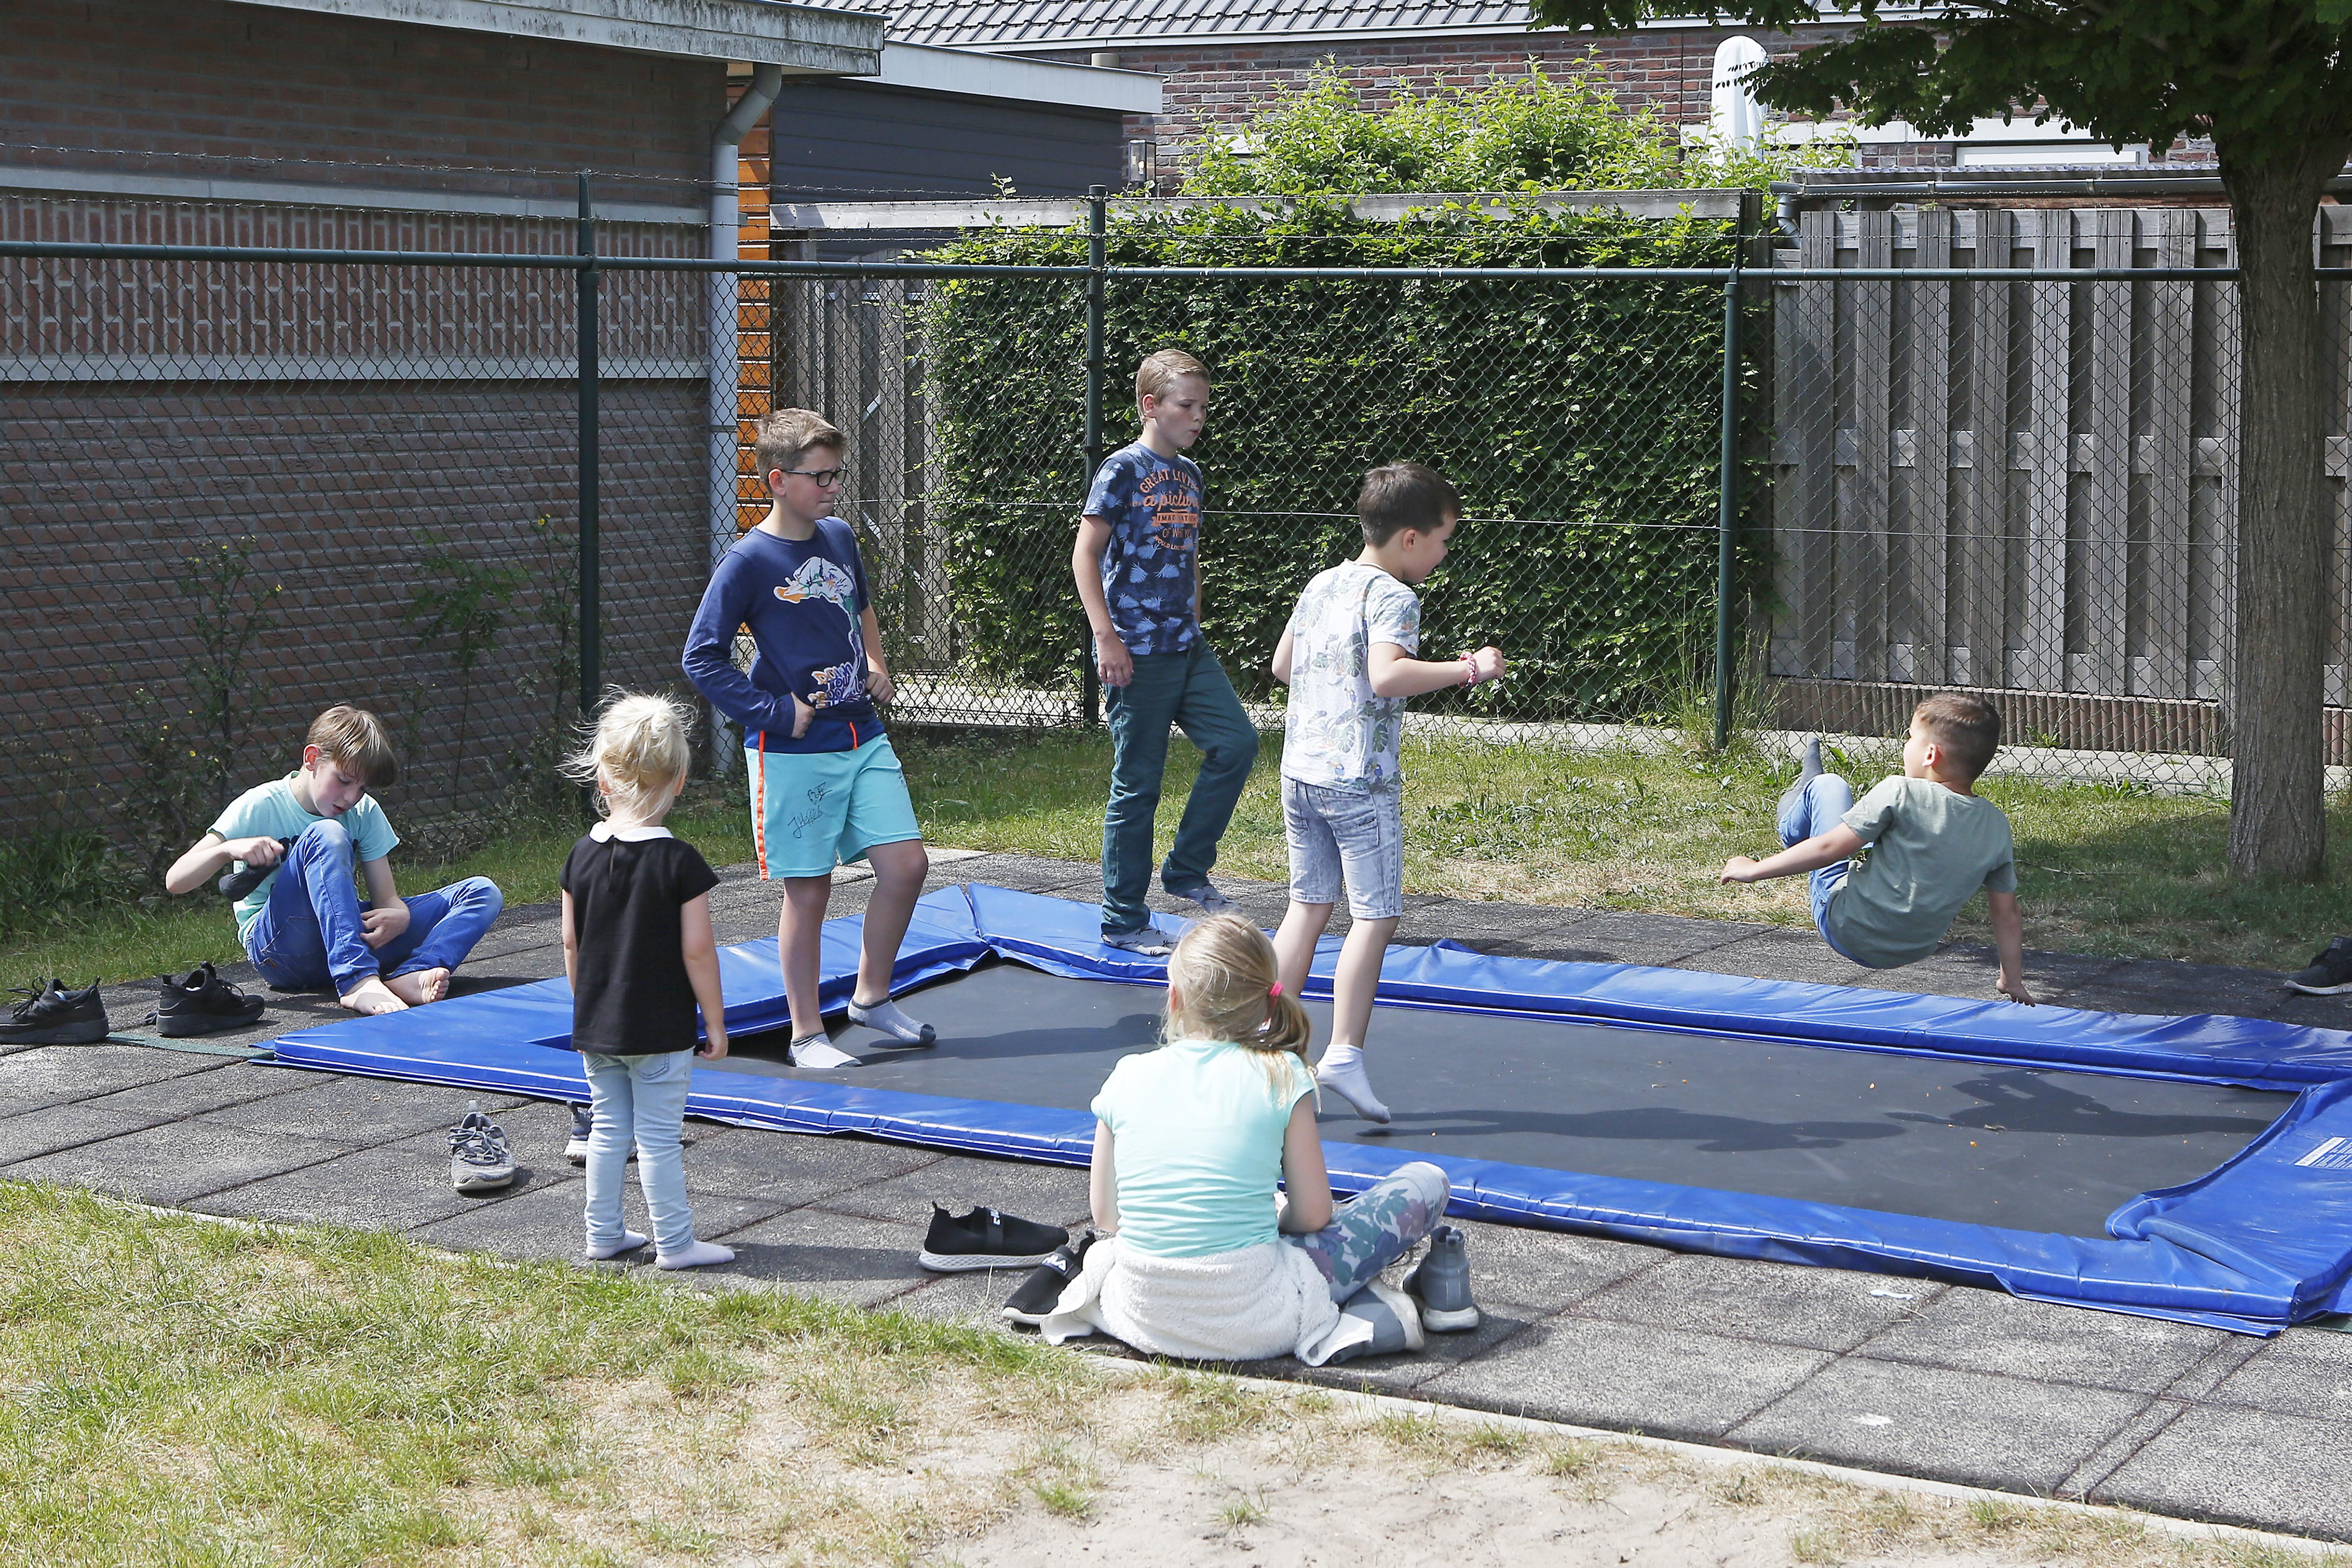 Speeltuinen in regio Hilversum worstelen met coronaregels: 'Aanmelden verplicht en geen drankje'